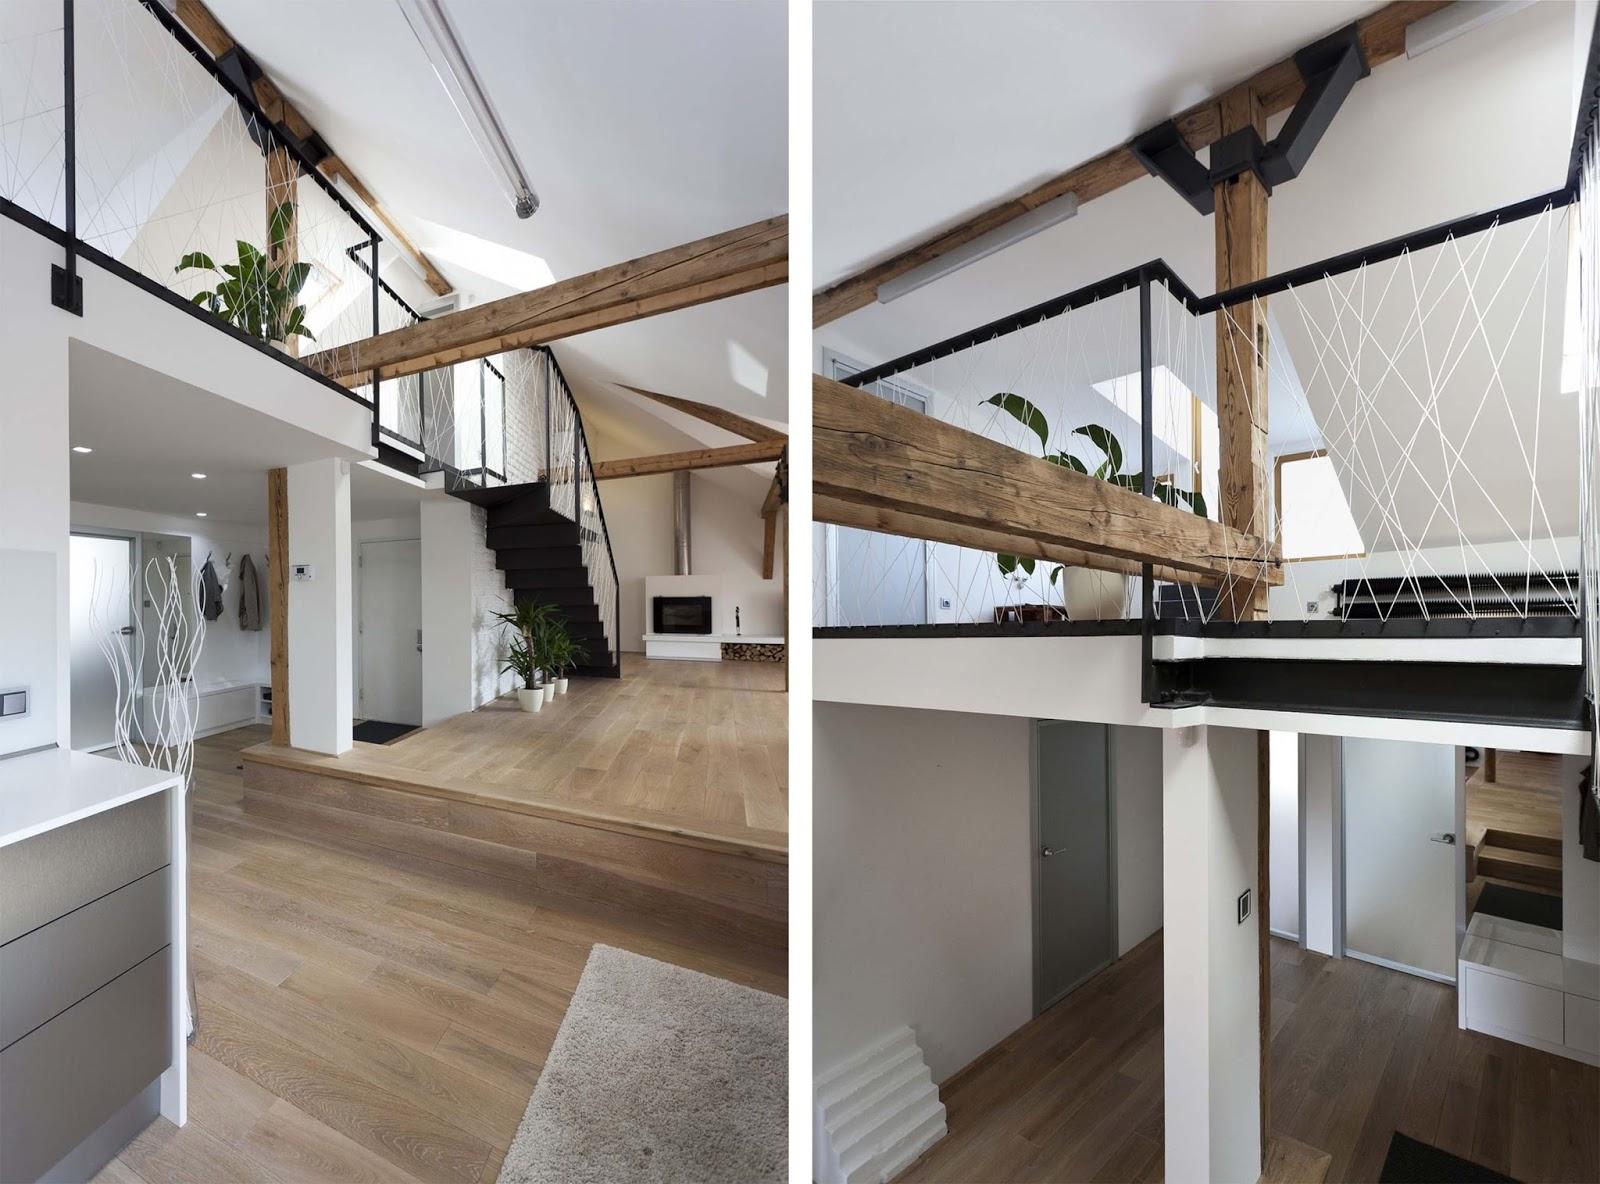 Ristrutturazione di un loft a praga by b2 architecture arc art blog by daniele drigo - Ristrutturazione finestre in legno ...